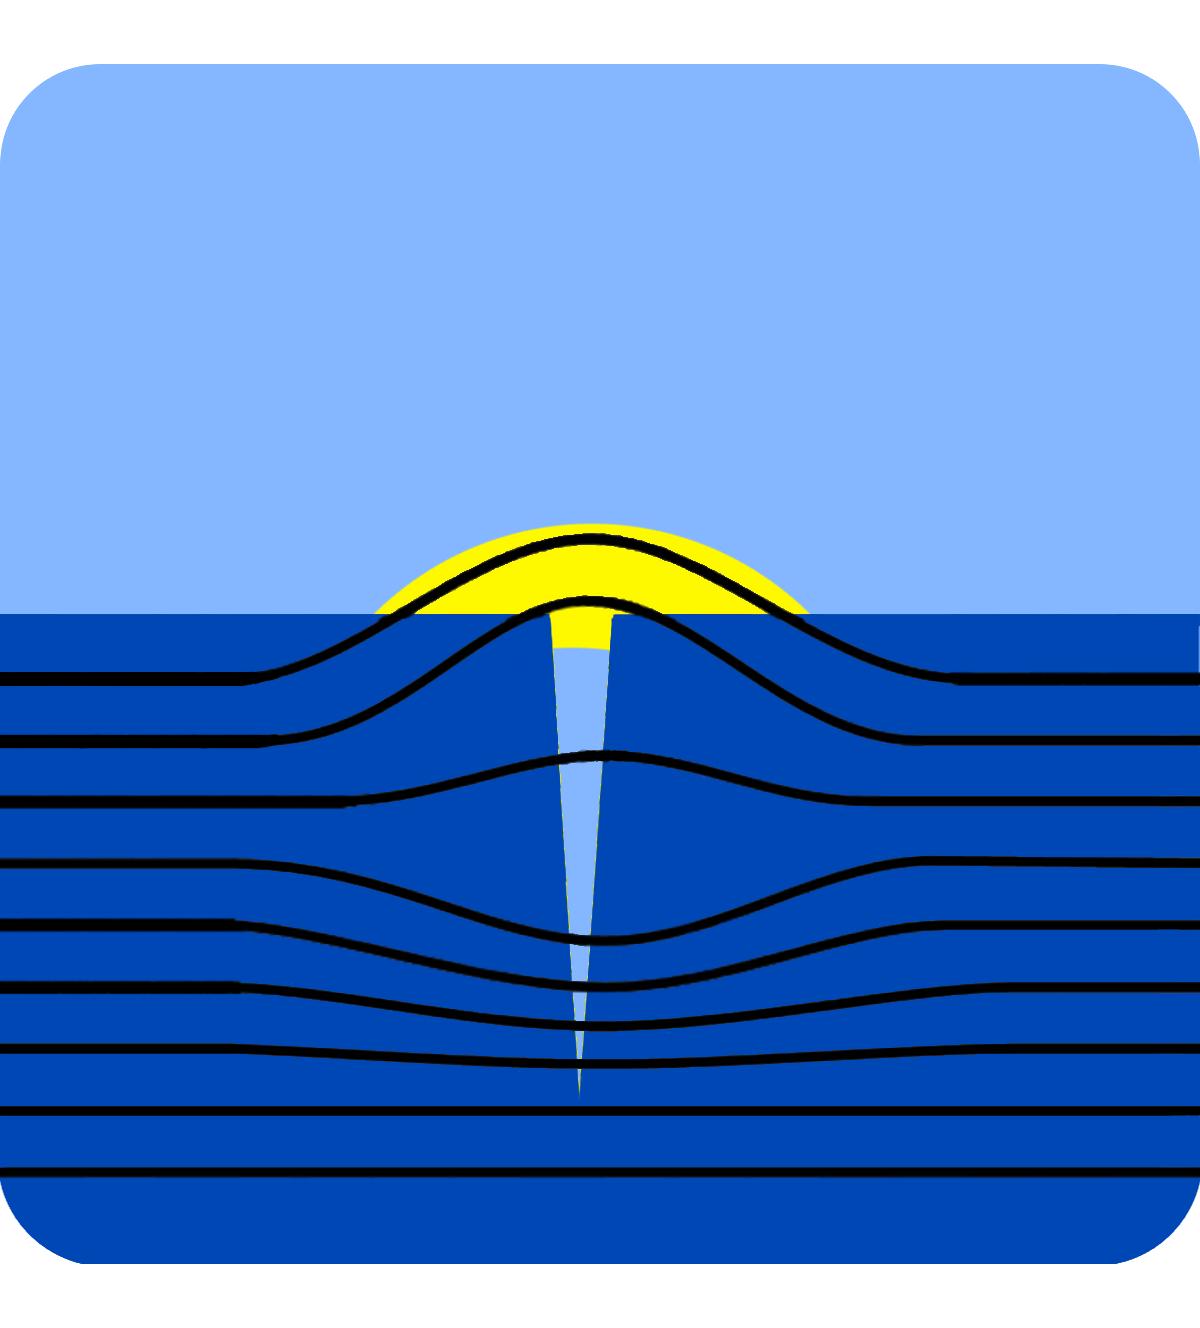 PFINDER fluoreszkáló mágnesezhető poros vizsgálóanyagok